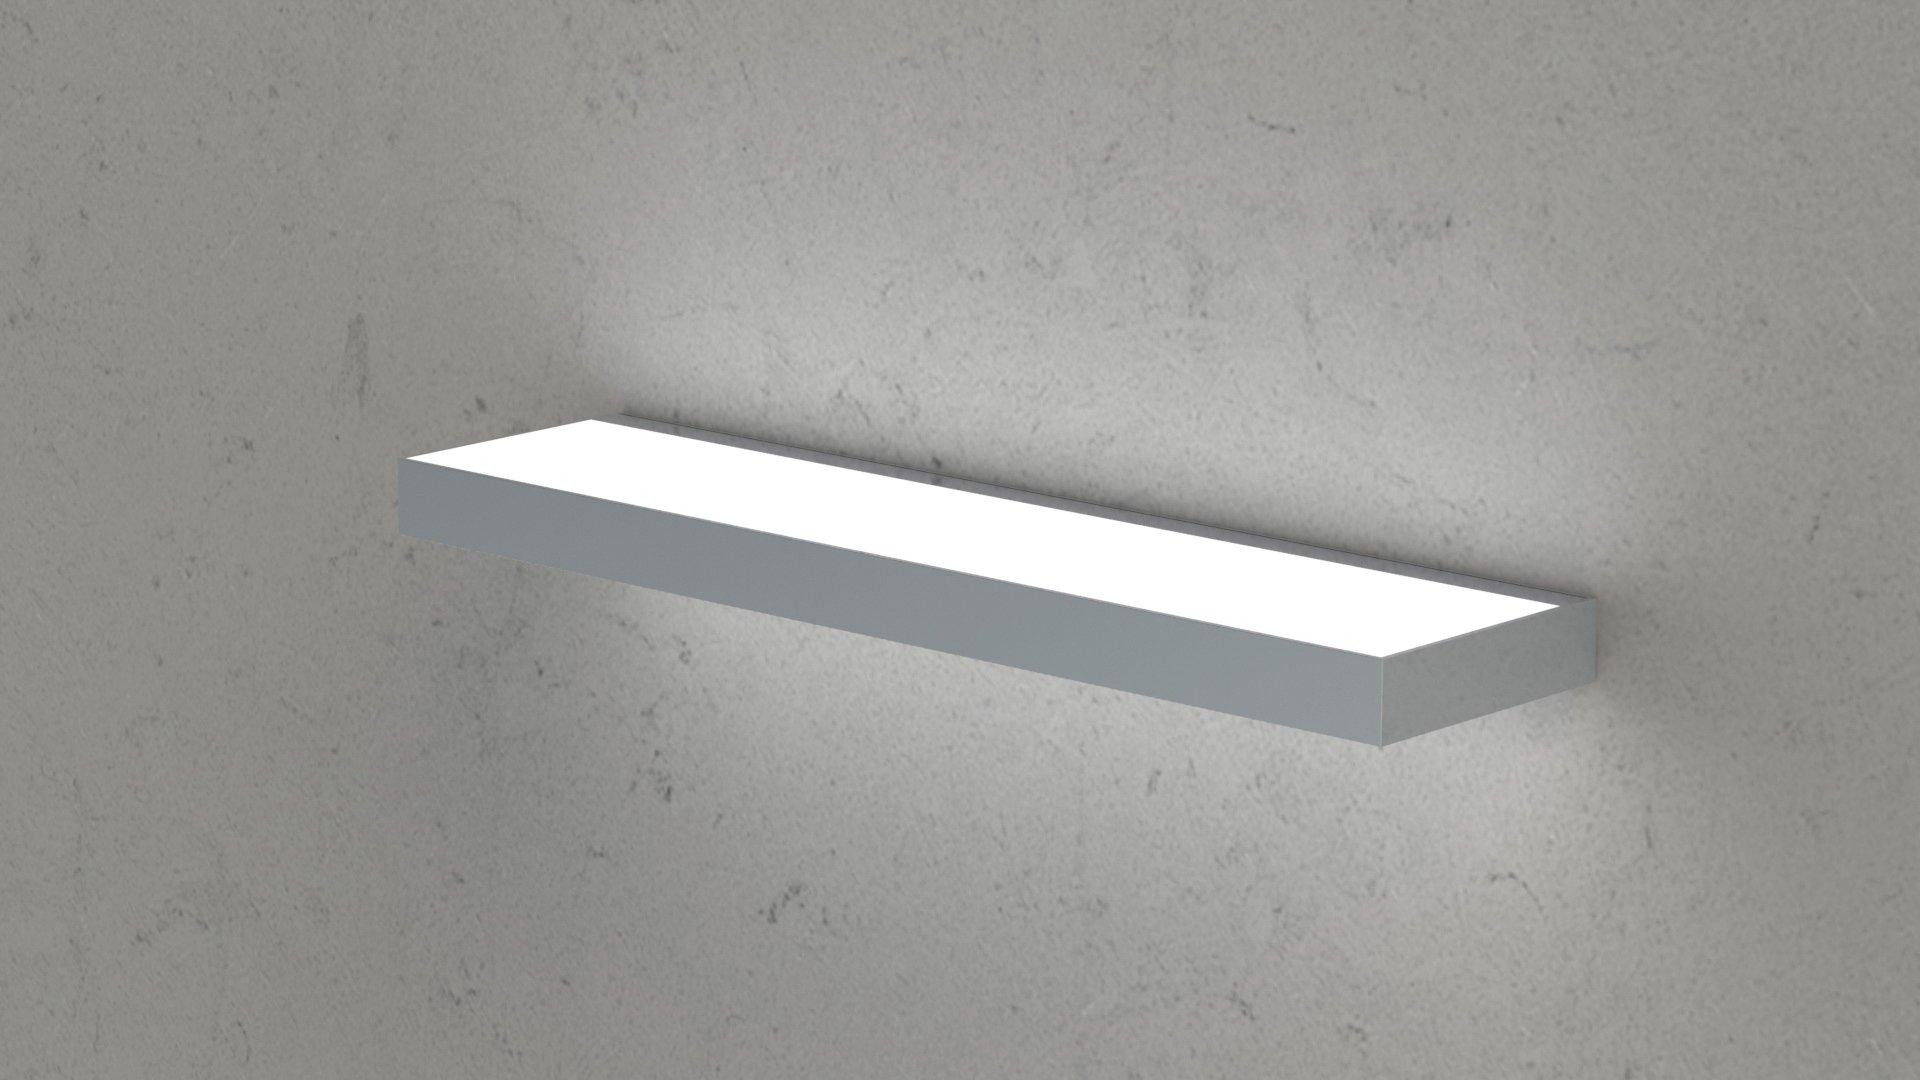 Wandlamp »Plank incl. verlichting, breedte 90 cm« bestellen bij   OTTO